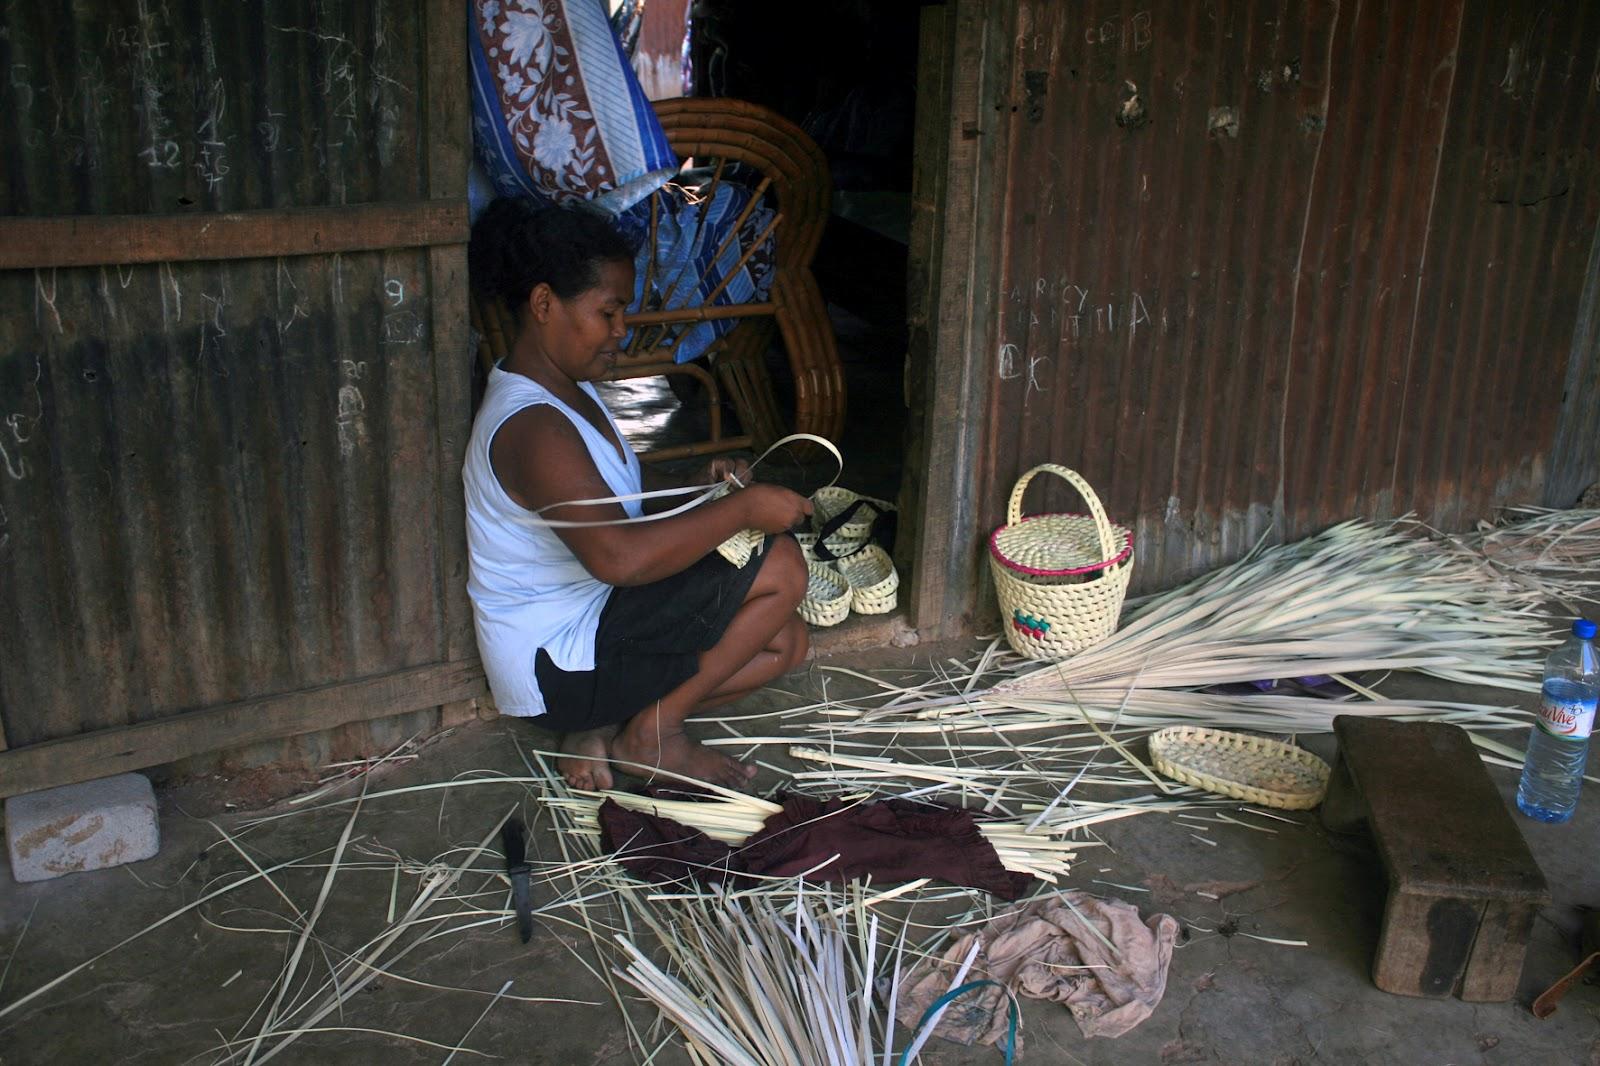 tongasoa site de rencontre rencontre femme granville